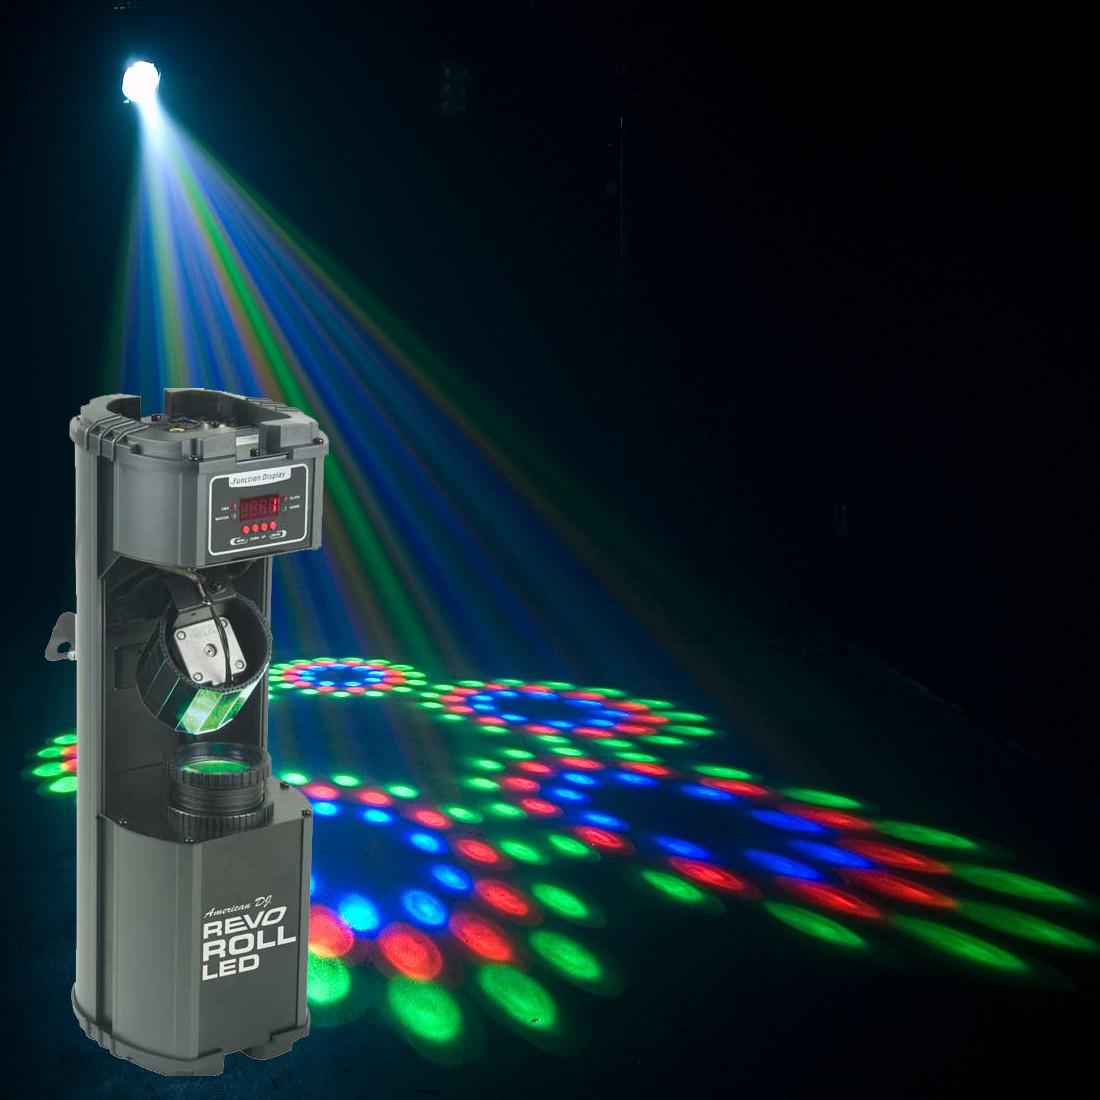 Projetor Multi Raios Revo Roll LED RGBW - American DJ